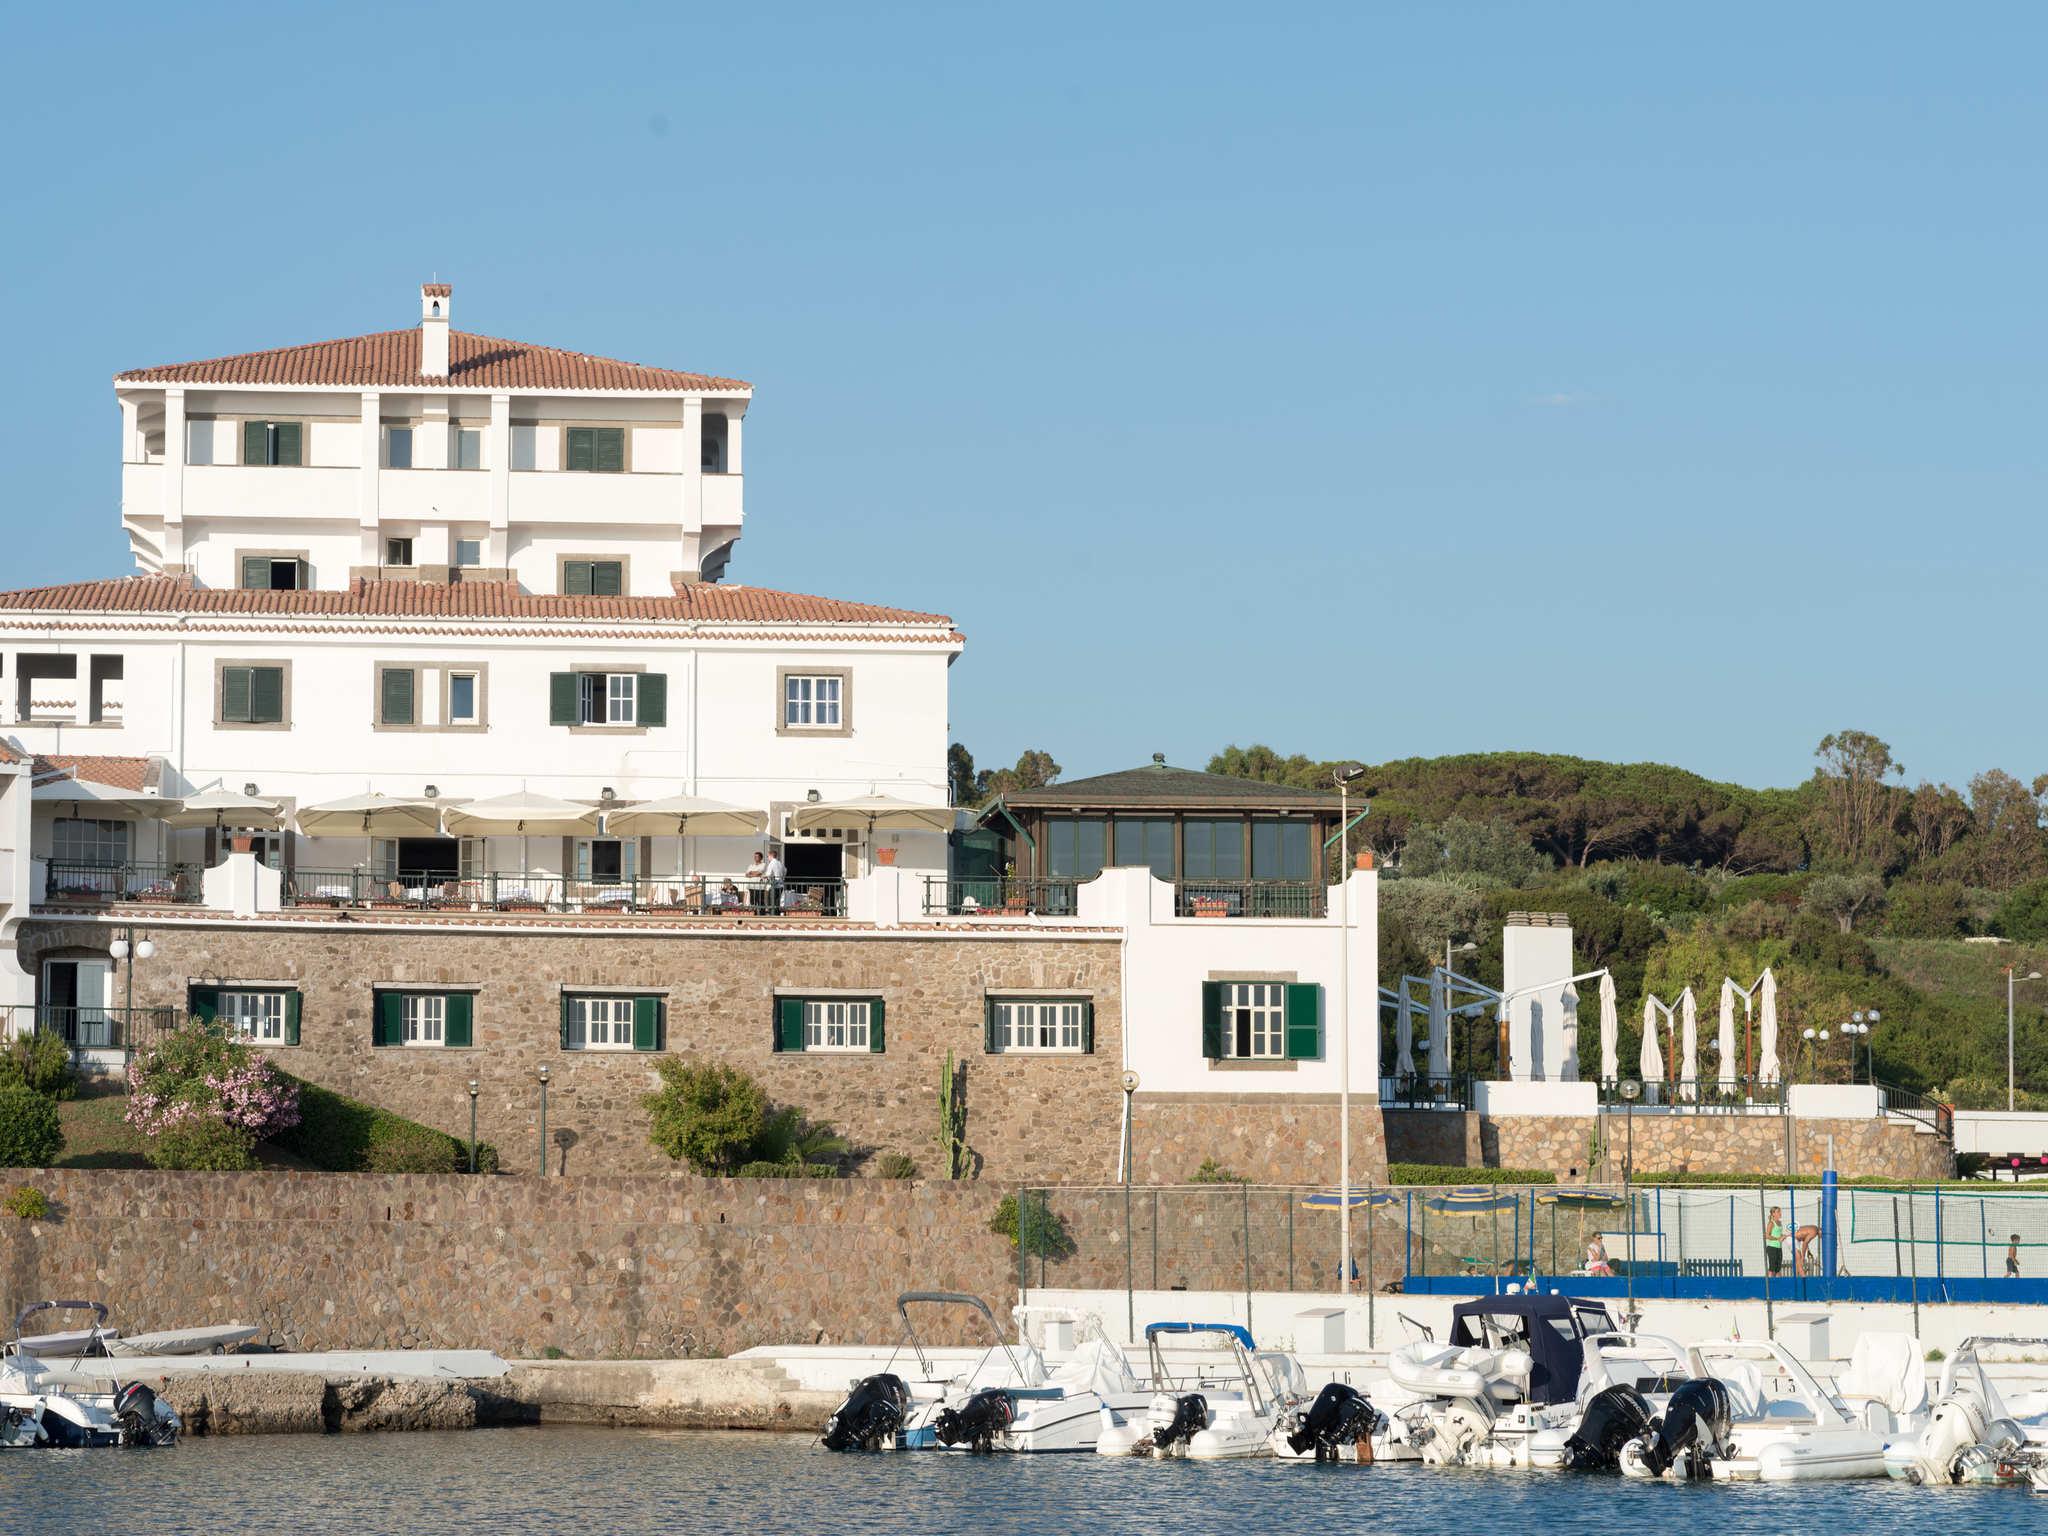 Hotel – Mercure Civitavecchia Sunbay Park Hotel